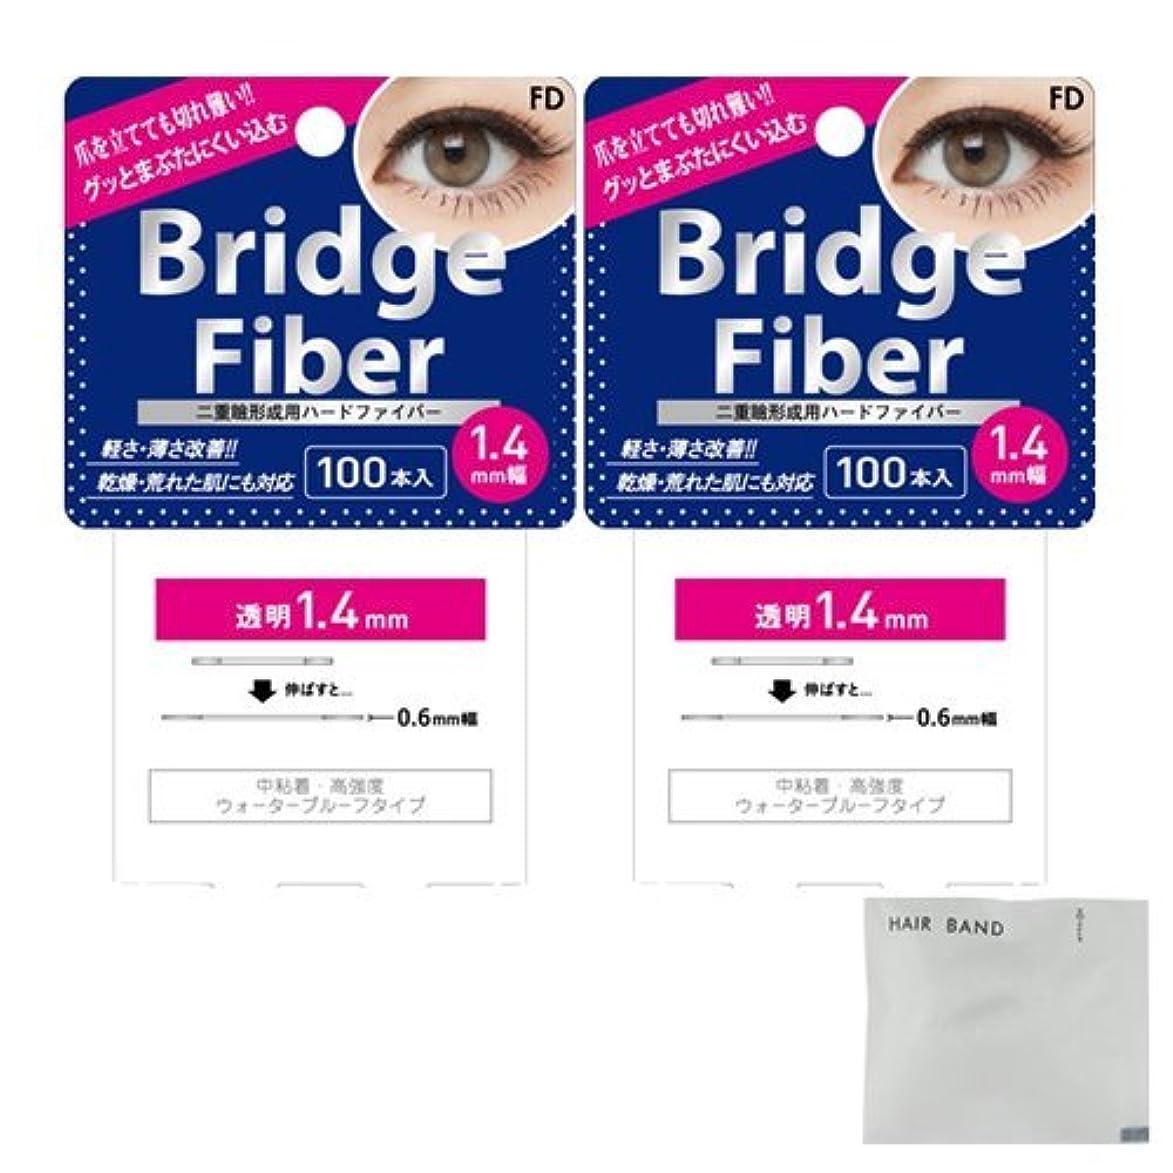 ファン賢明な採用FD ブリッジファイバーⅡ (Bridge Fiber) クリア1.4mm×2個 + ヘアゴム(カラーはおまかせ)セット